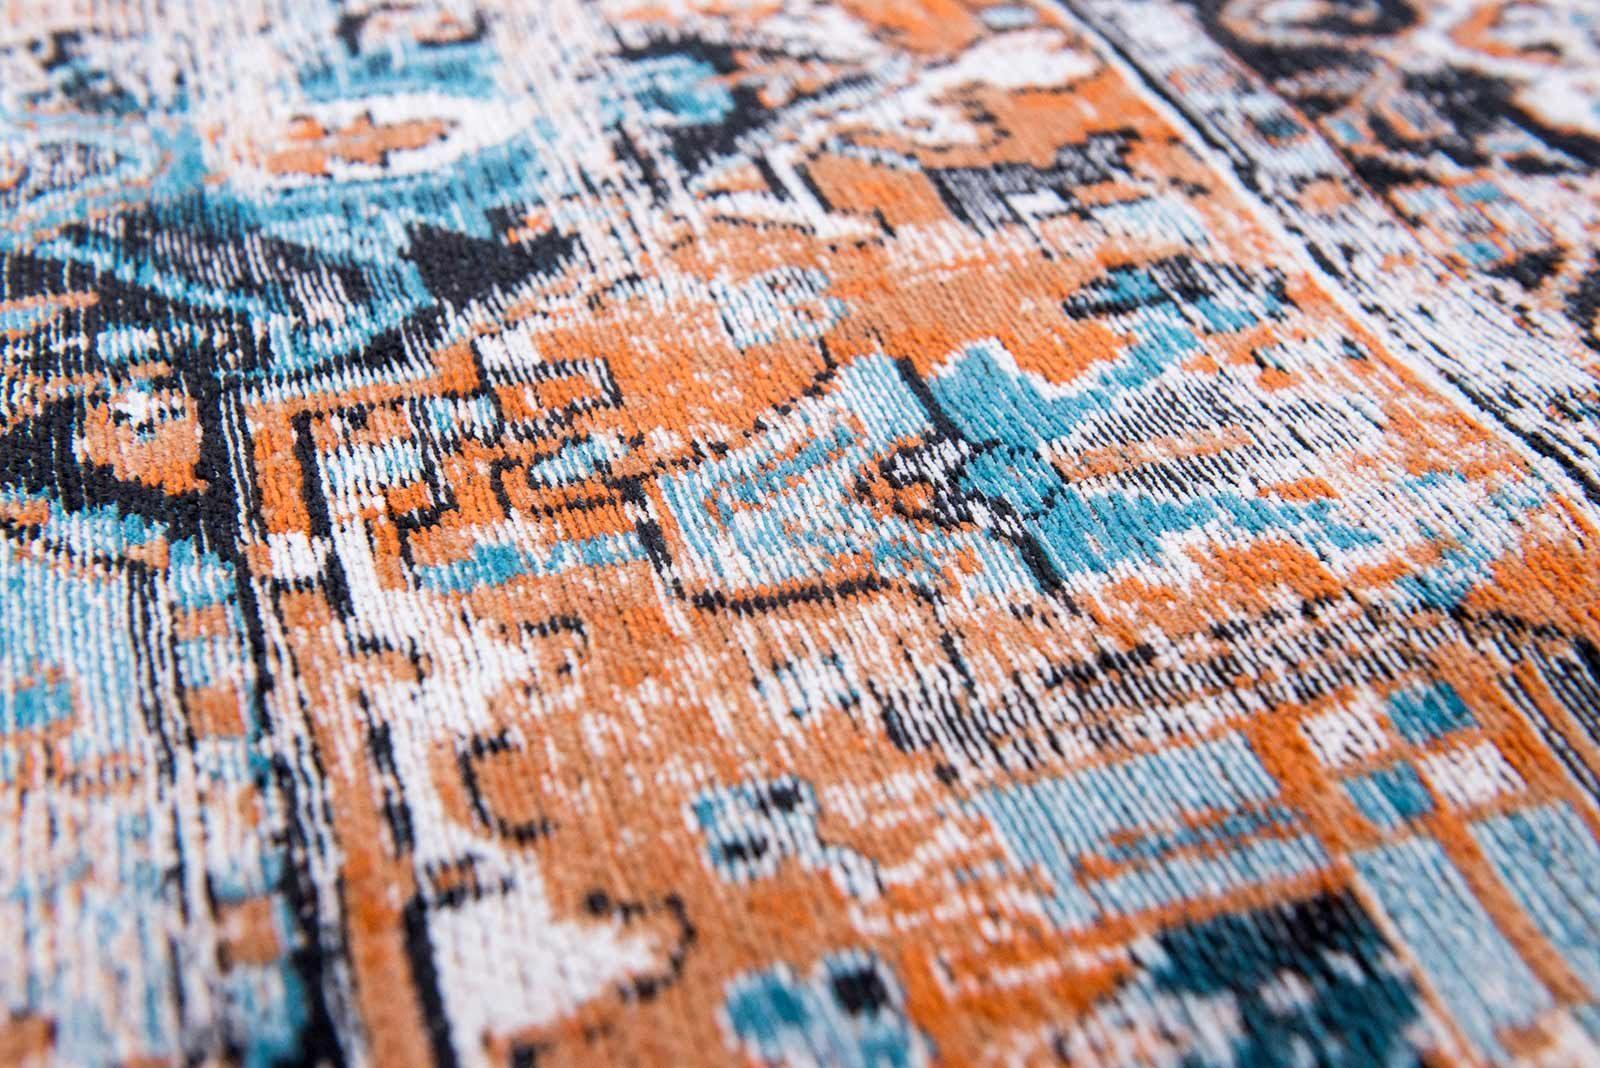 vloerkleed Louis De Poortere LX8705 Antiquarian Antique Heriz Seray Orange zoom 2